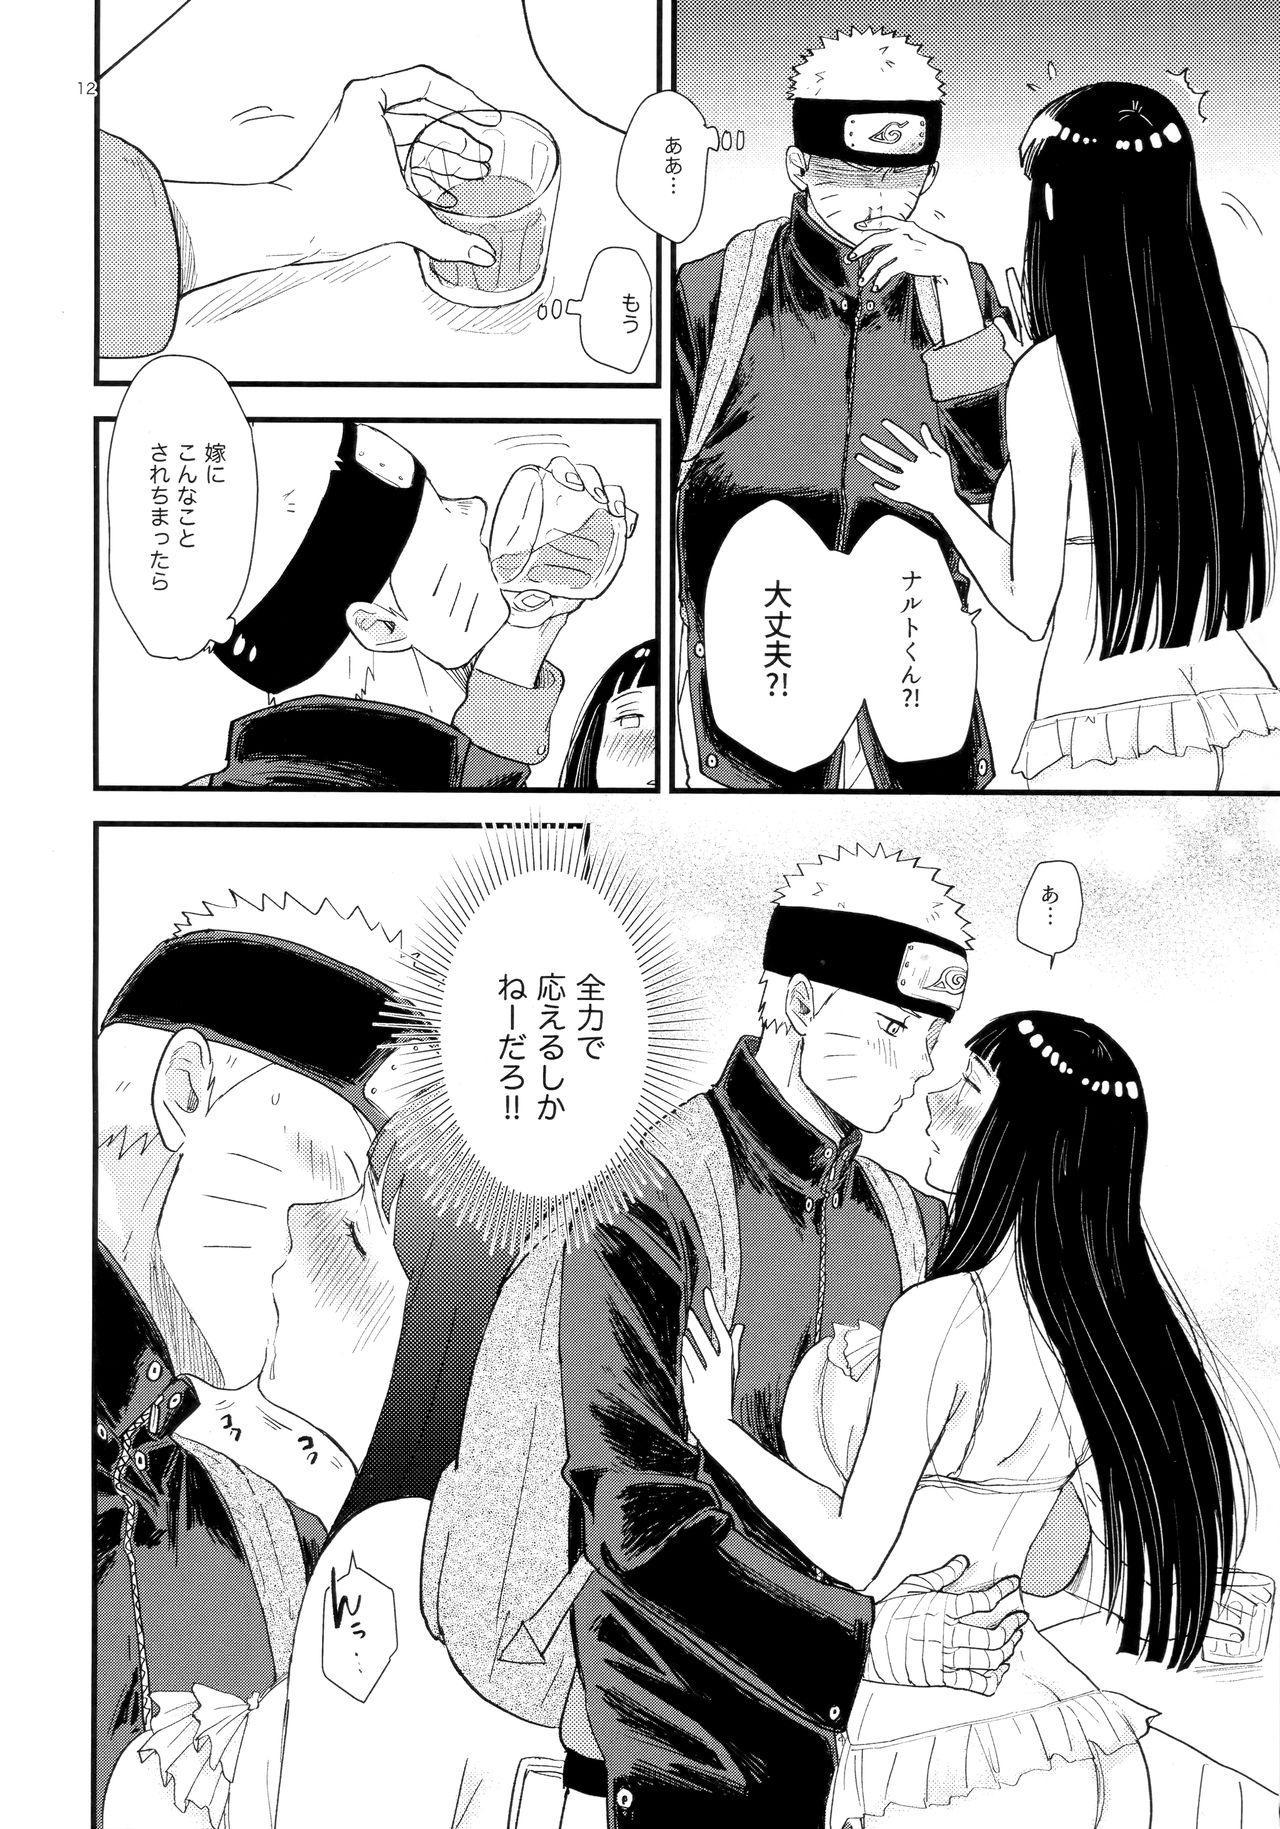 Hachimitsu to Himitsu 10